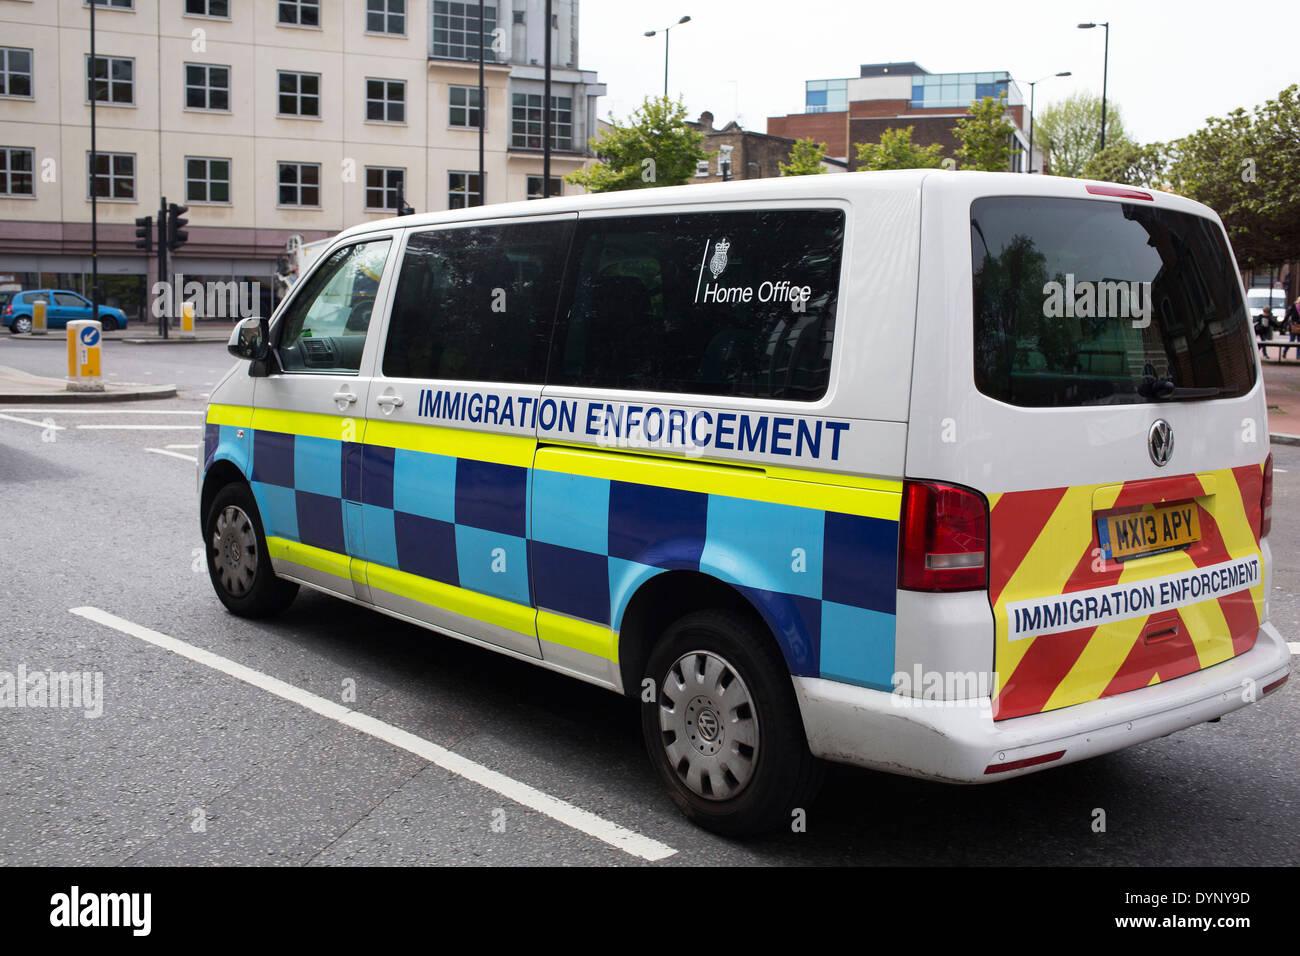 Immigration Enforcement  >> Home Office Immigration Enforcement Van Driving Through South London